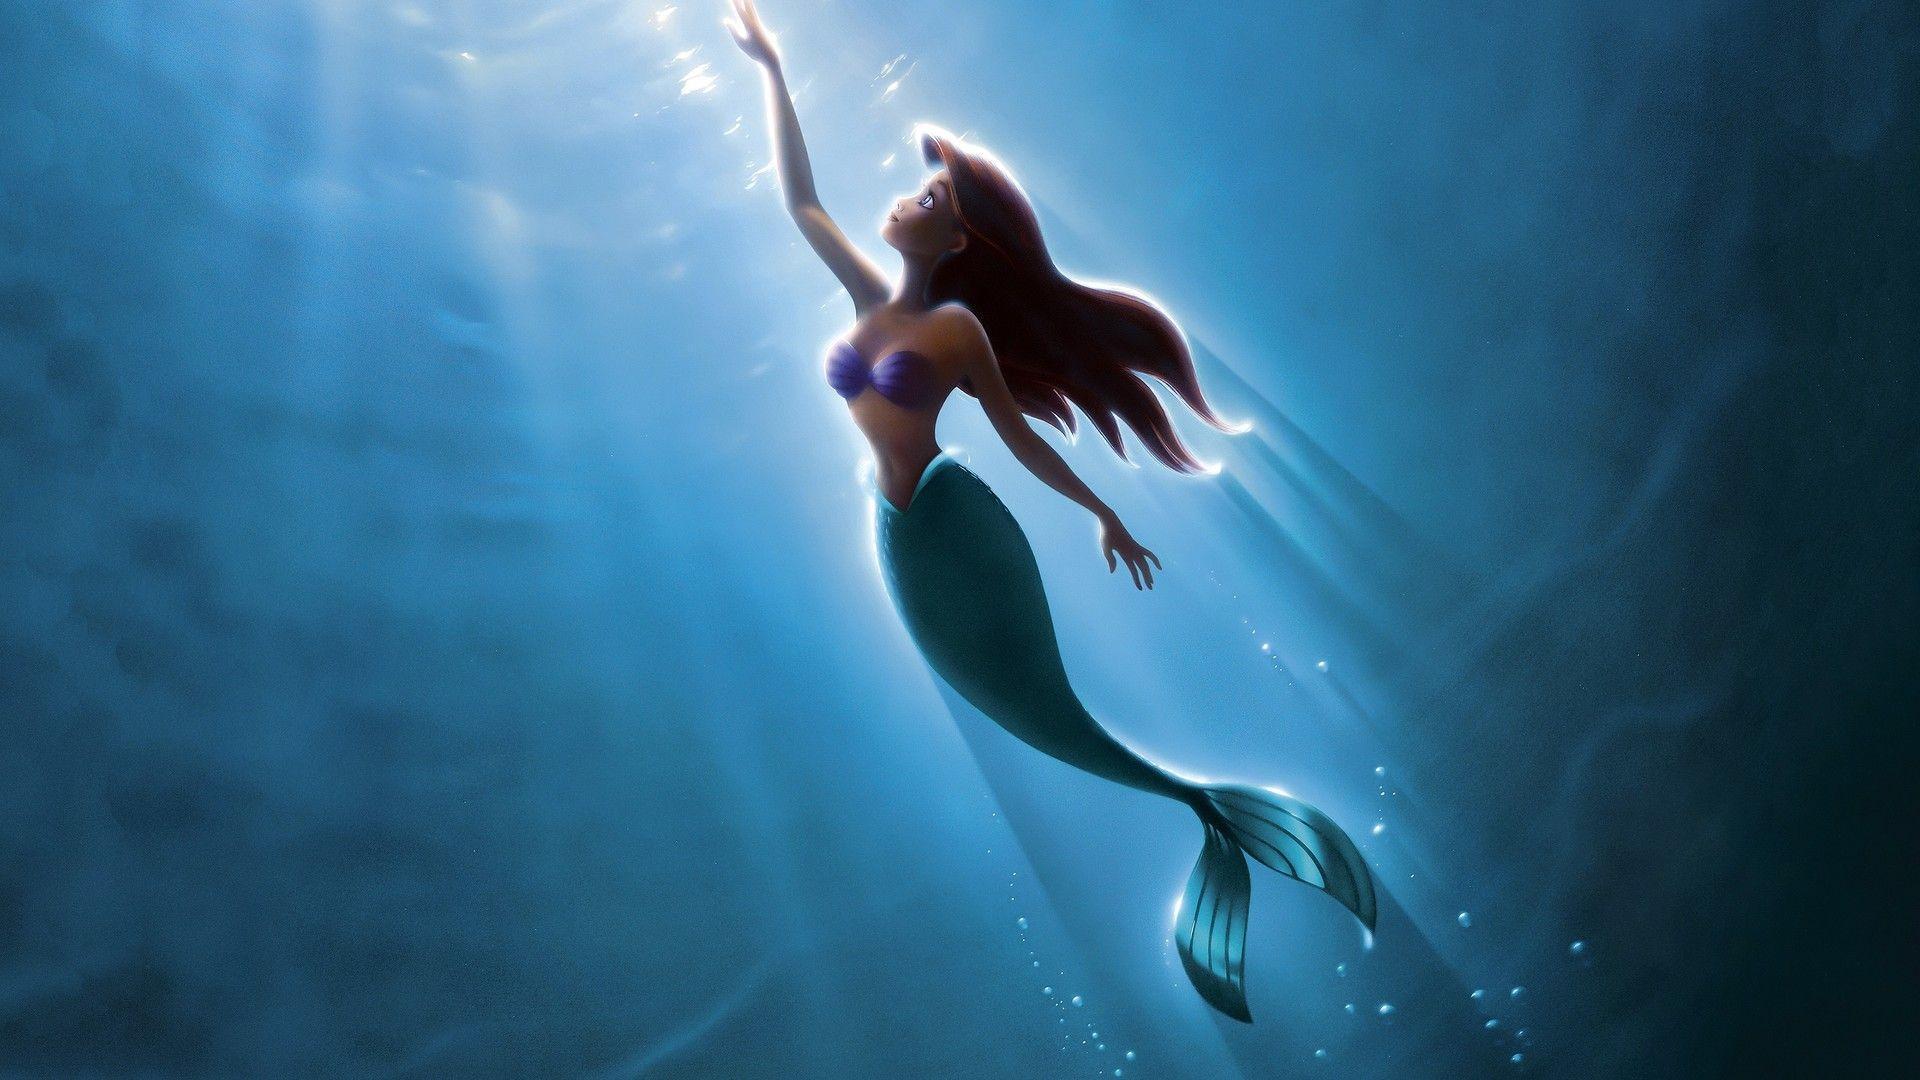 Mermaid Laptop Wallpapers - Top Free Mermaid Laptop ...